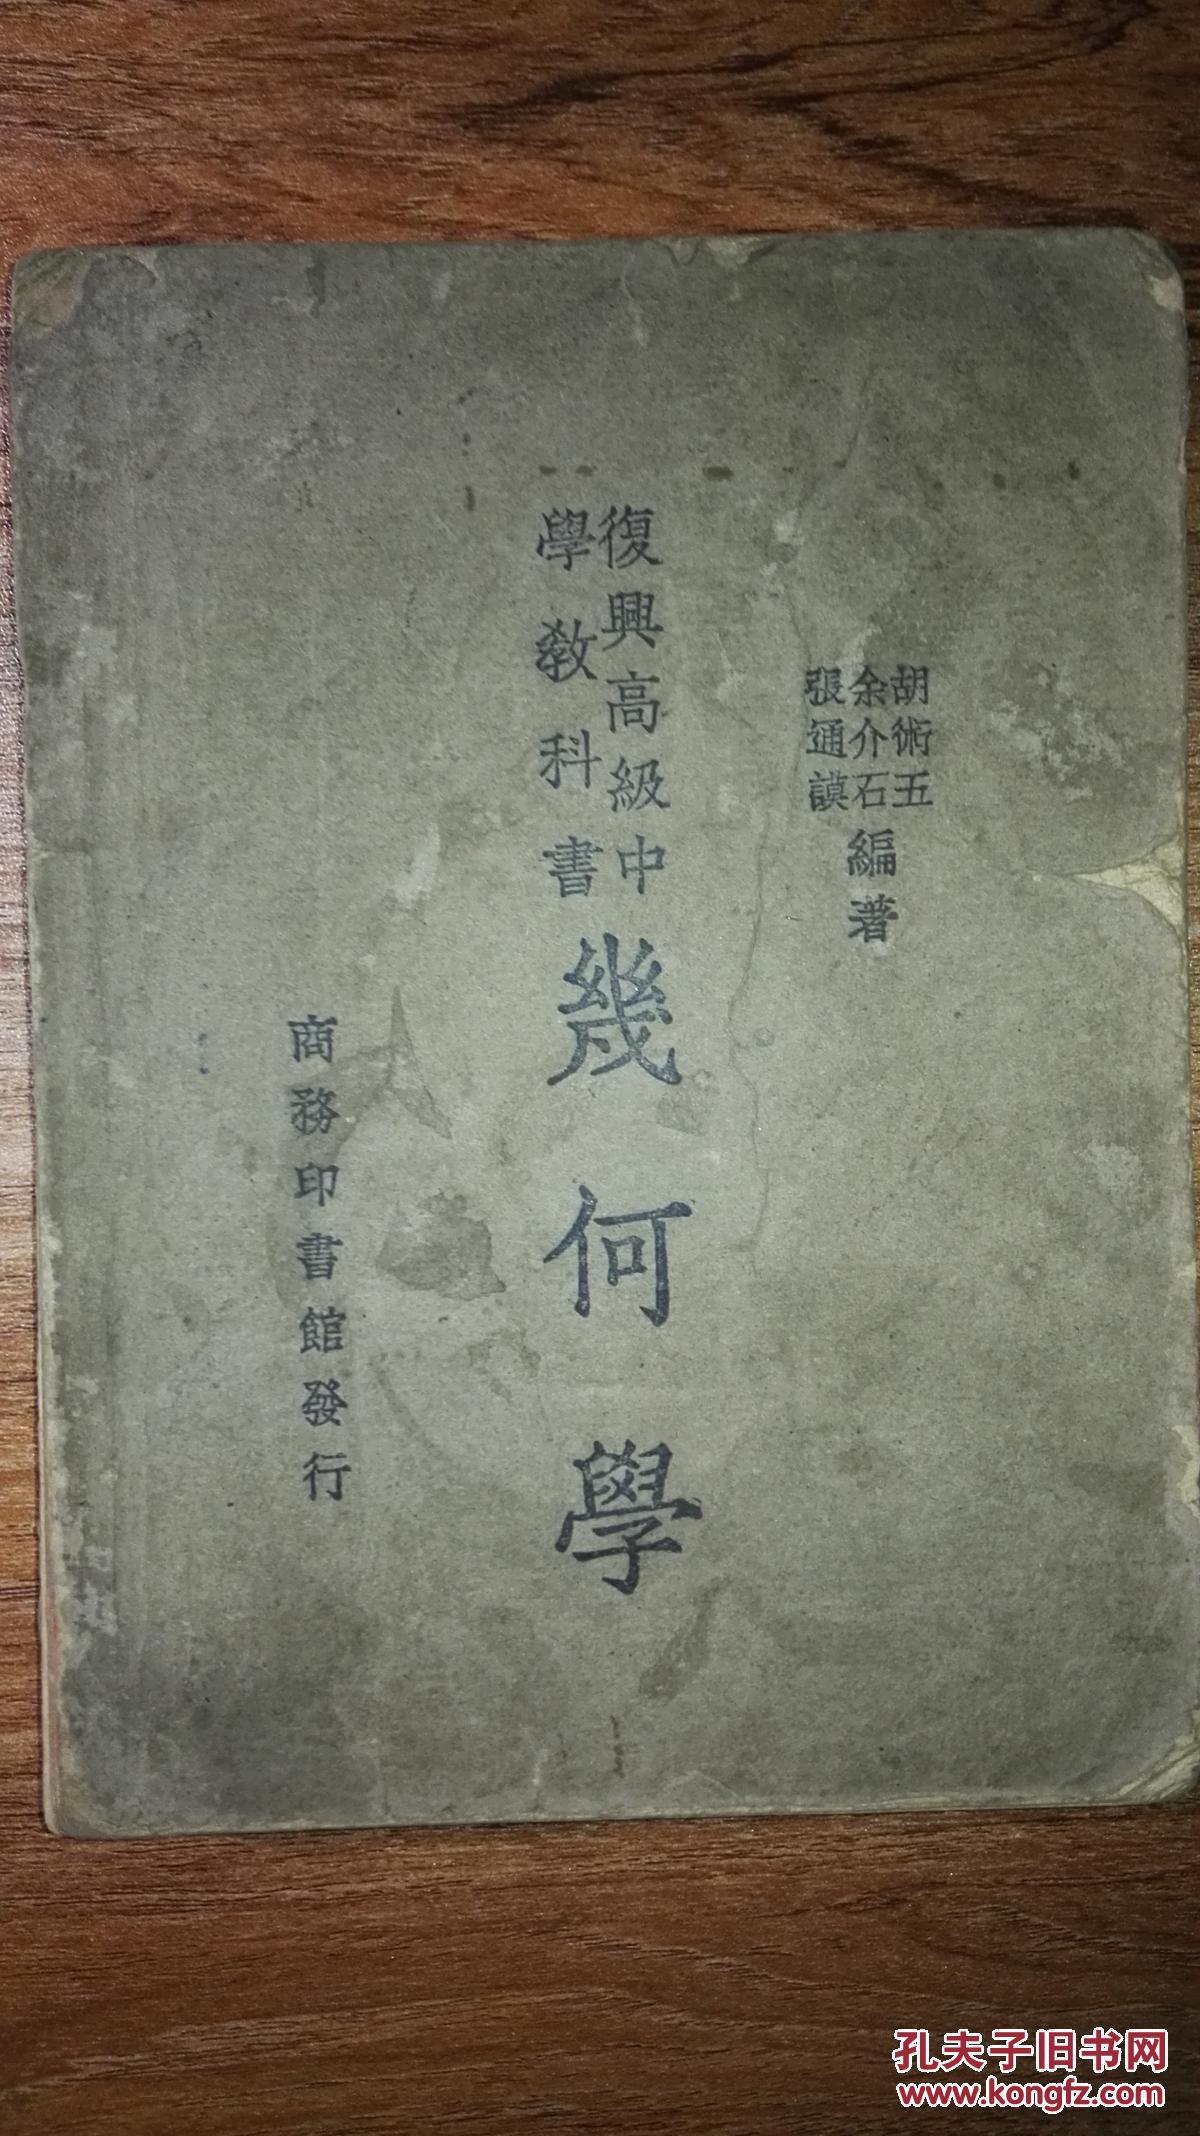 (孔网孤本)民国三十五年商务印书馆高中教材《几何学》